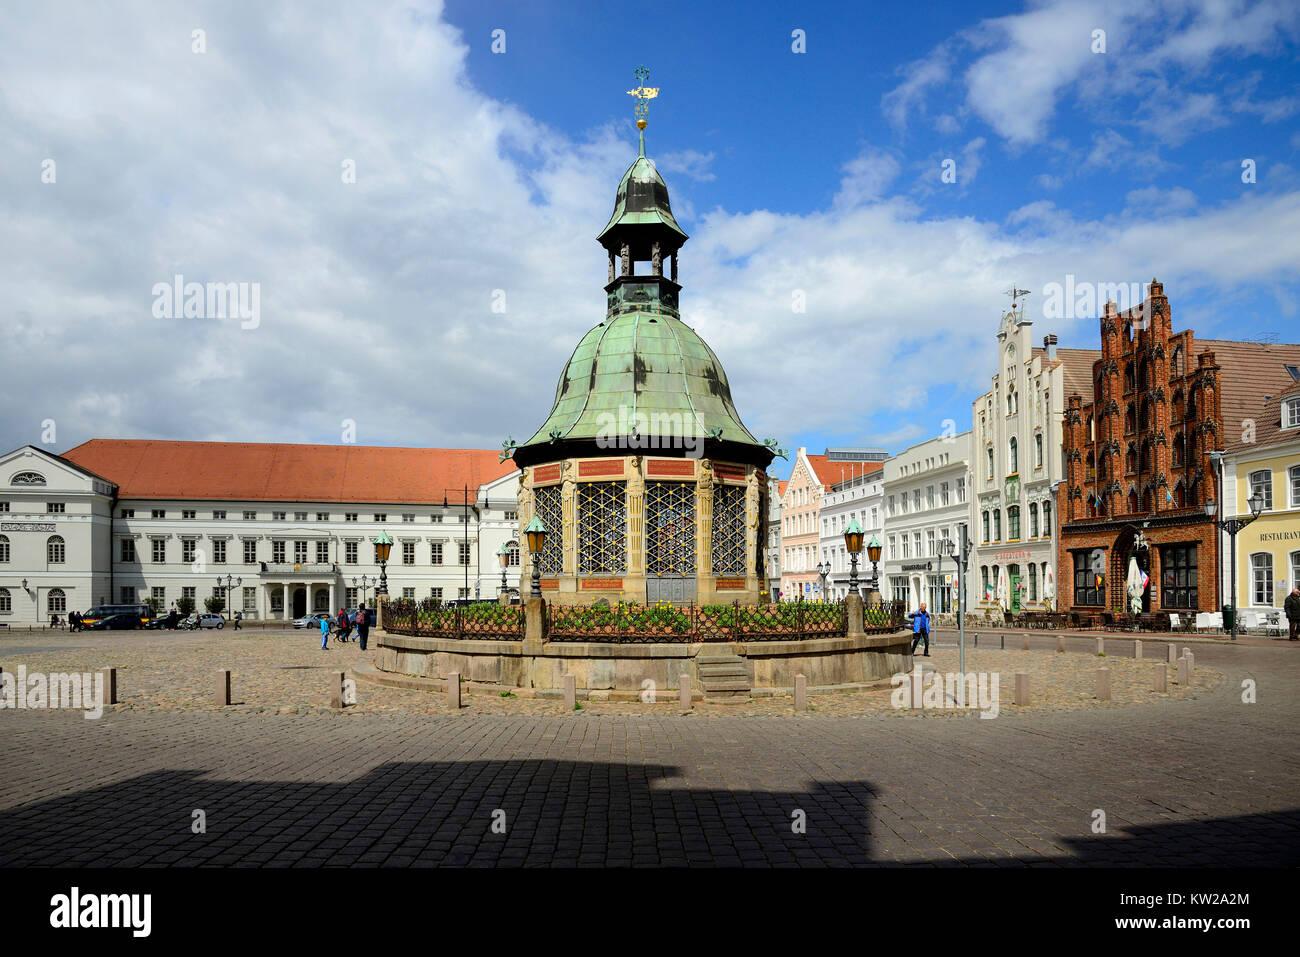 Wismar, marketplace, water art, city hall ujnd Hornemannsche strip, Marktplatz, Wasserkunst, Rathaus ujnd Hornemannsche - Stock Image